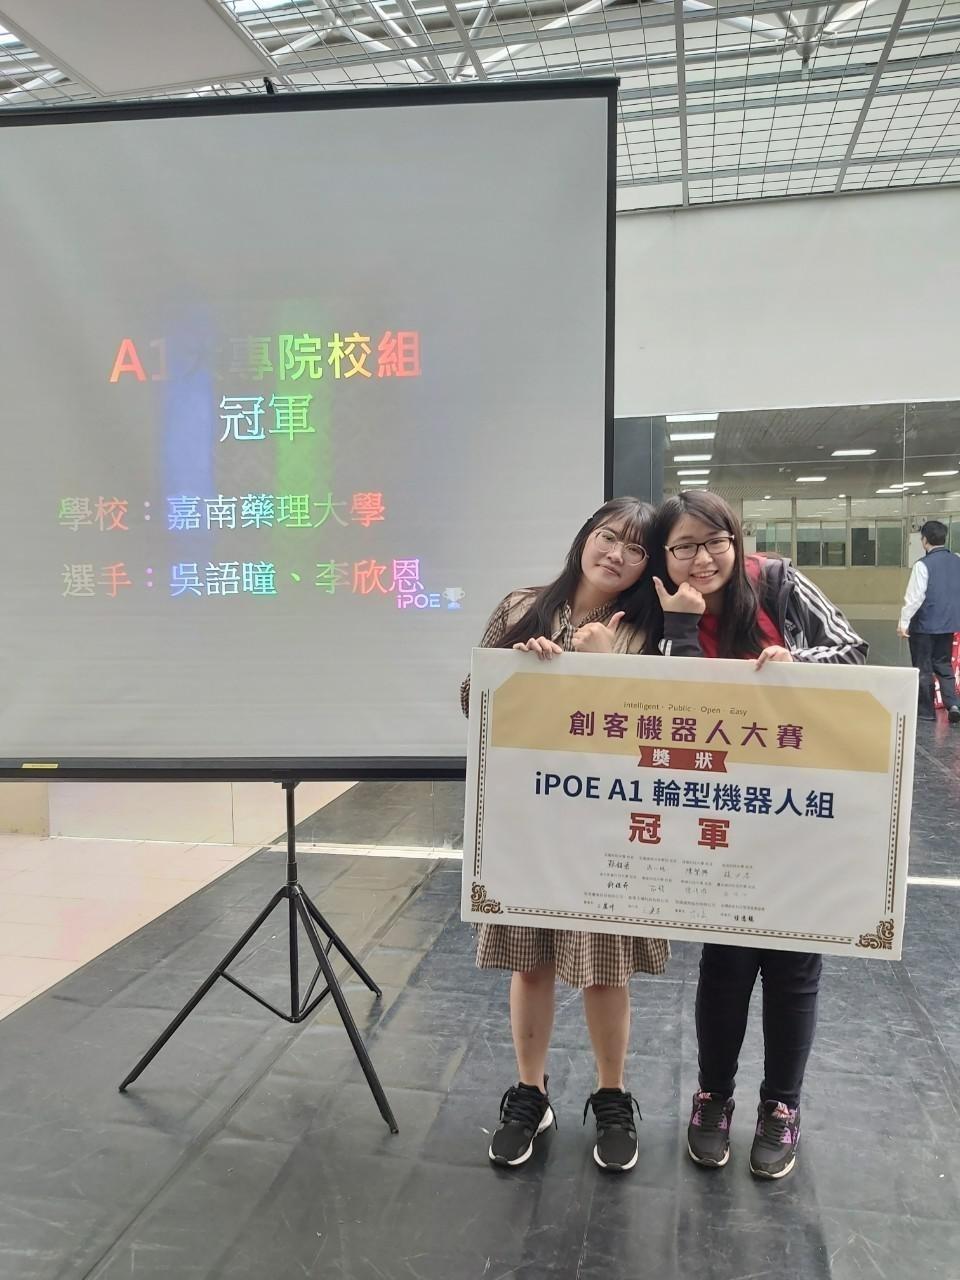 嘉藥資管系吳語瞳與李欣恩獲得第六屆愛寶盃創客機器人大賽冠軍。 嘉藥/提供